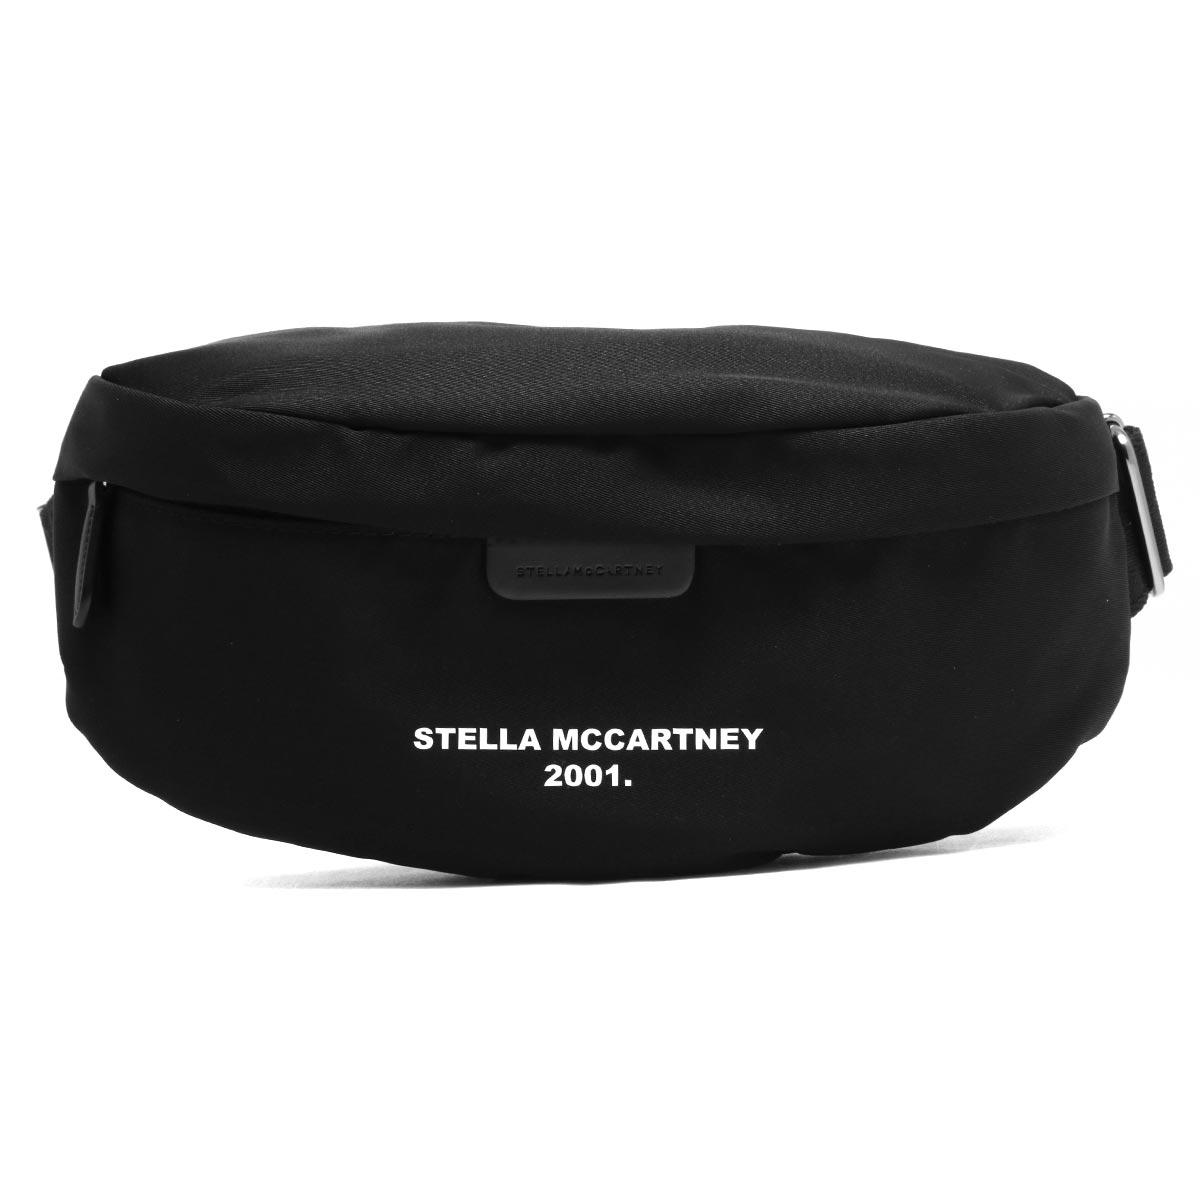 男女兼用バッグ, ボディバッグ・ウエストポーチ 1111121,200OFF 2001. 570173 W8499 1070 STELLA McCARTHNEY